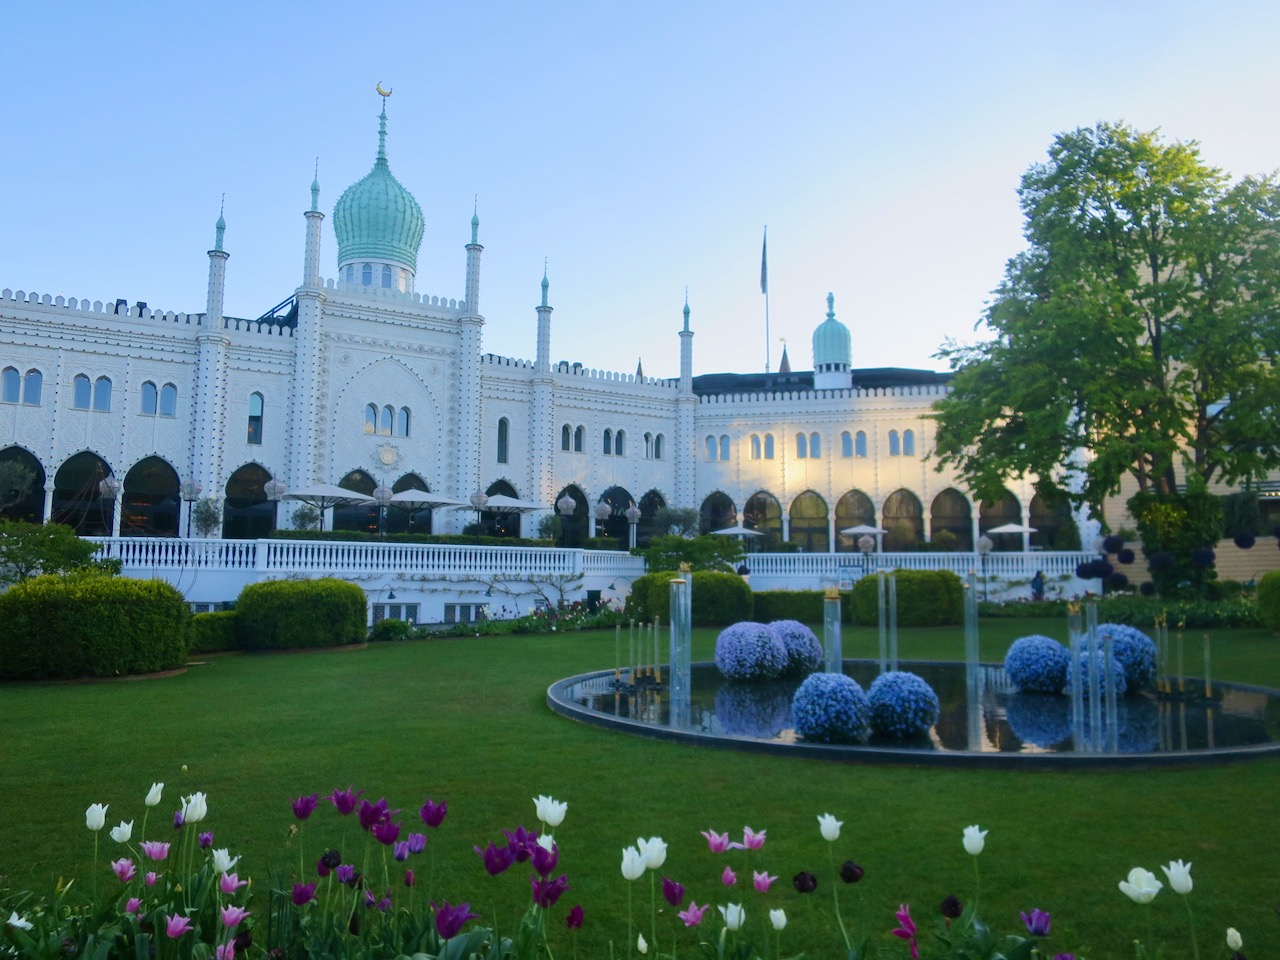 Prédio de arquitetura islâmica no interior dos Jardins de Tivoli em Copenhague